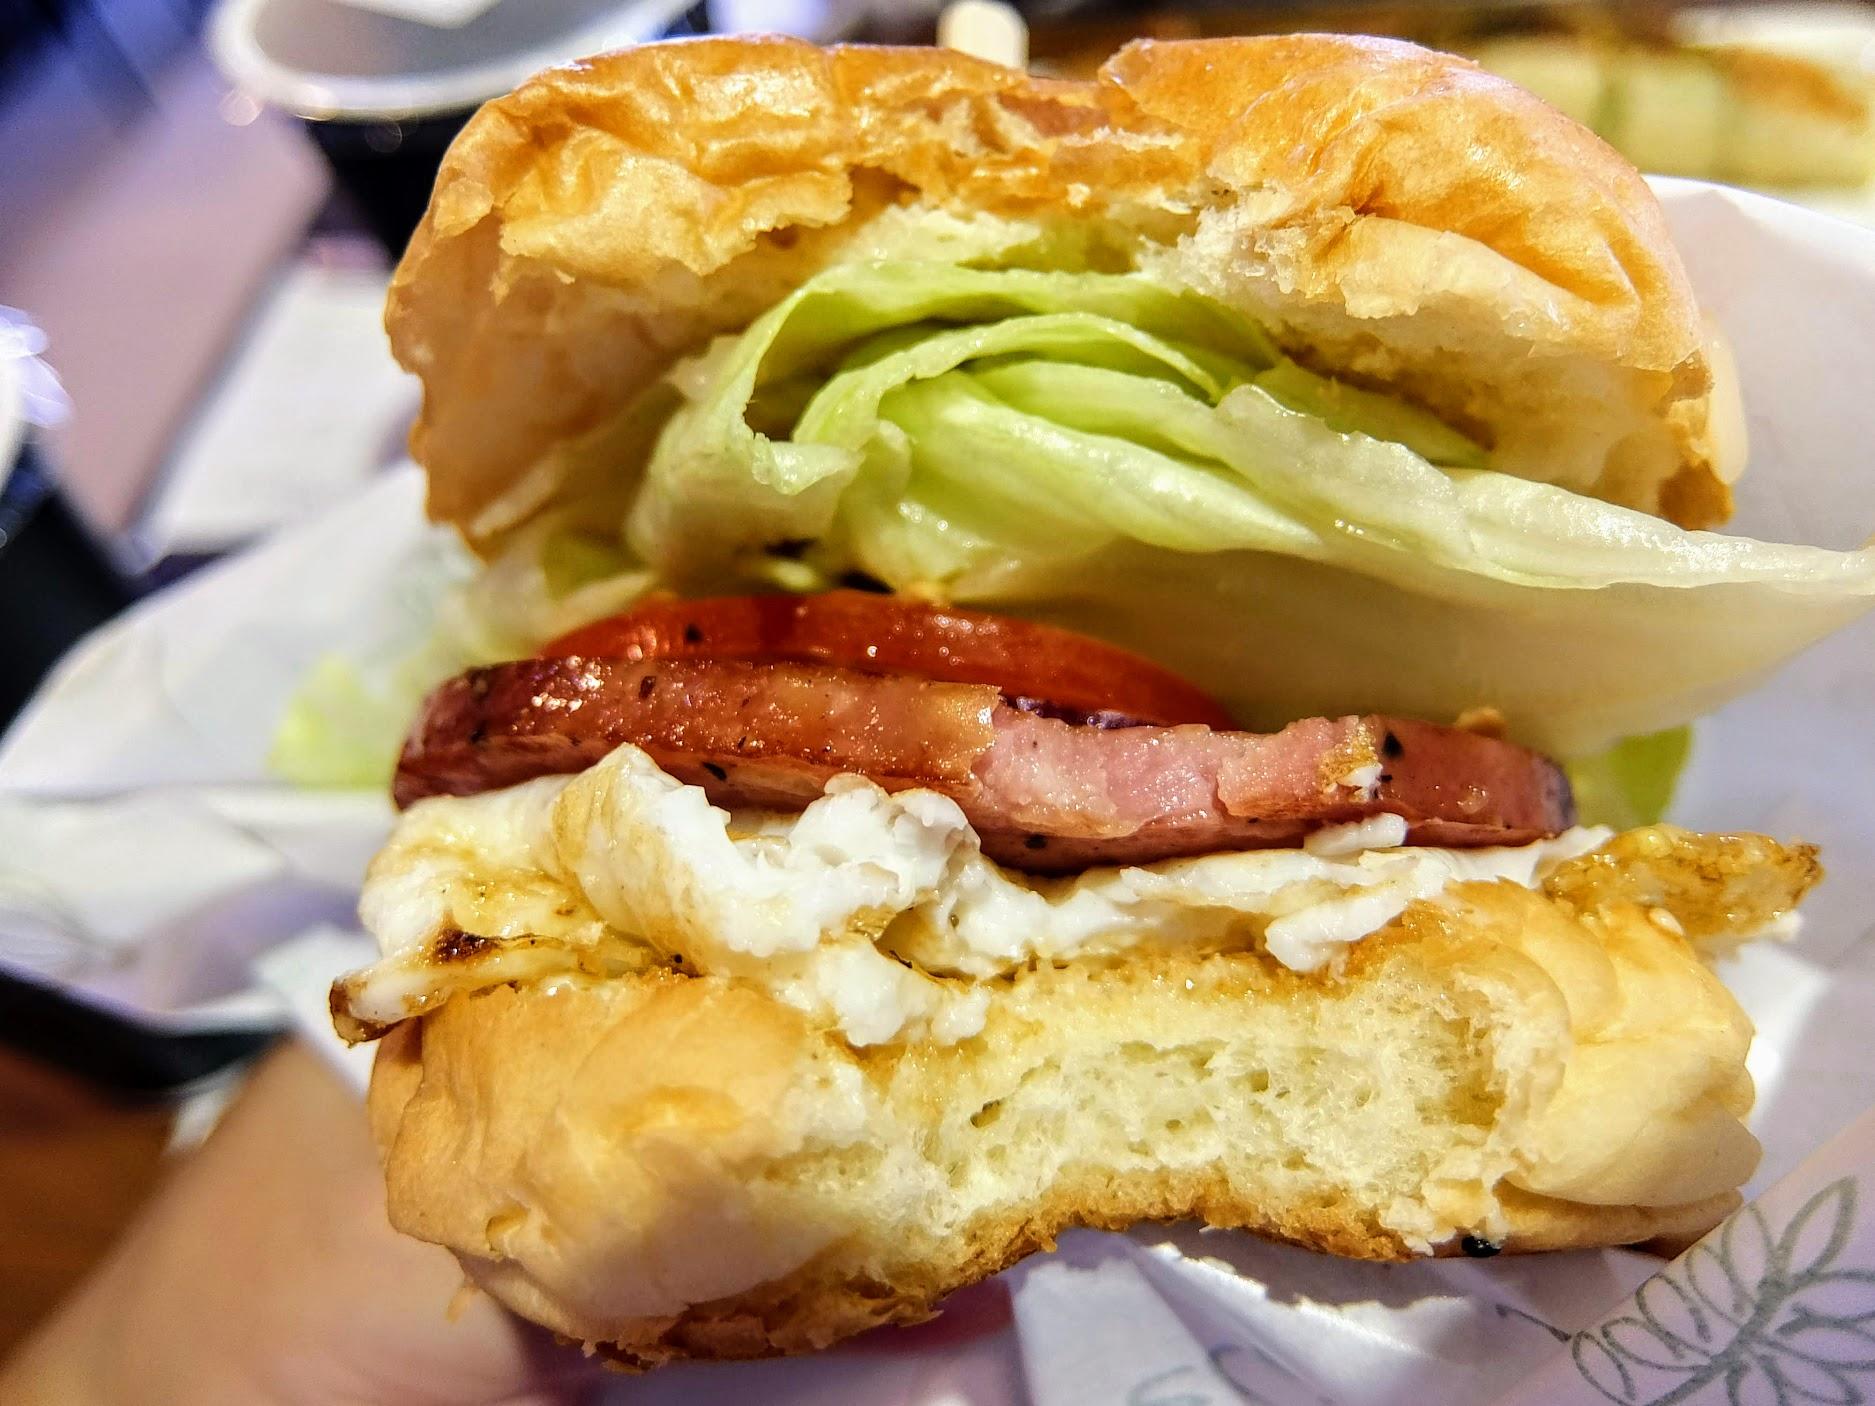 麵包鬆軟,略微黏牙,中間有蛋/厚火腿/番茄/生菜